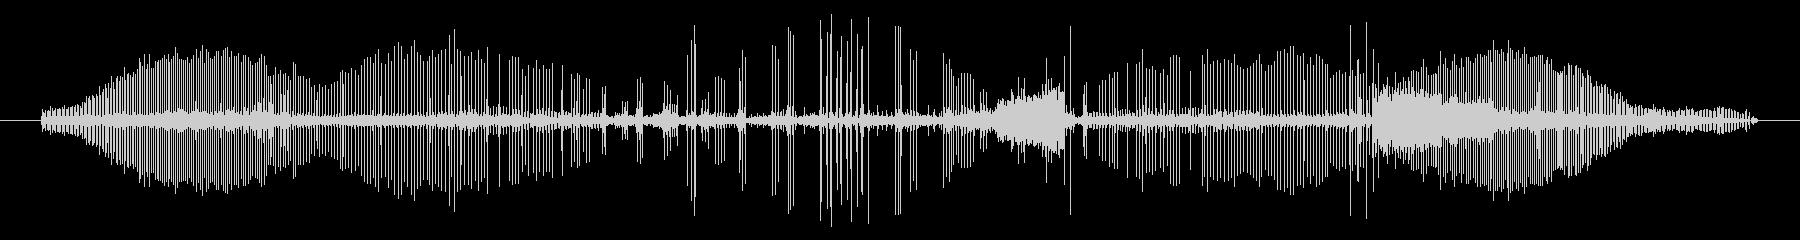 ロボットの声、電気のおしゃべり、ビ...の未再生の波形